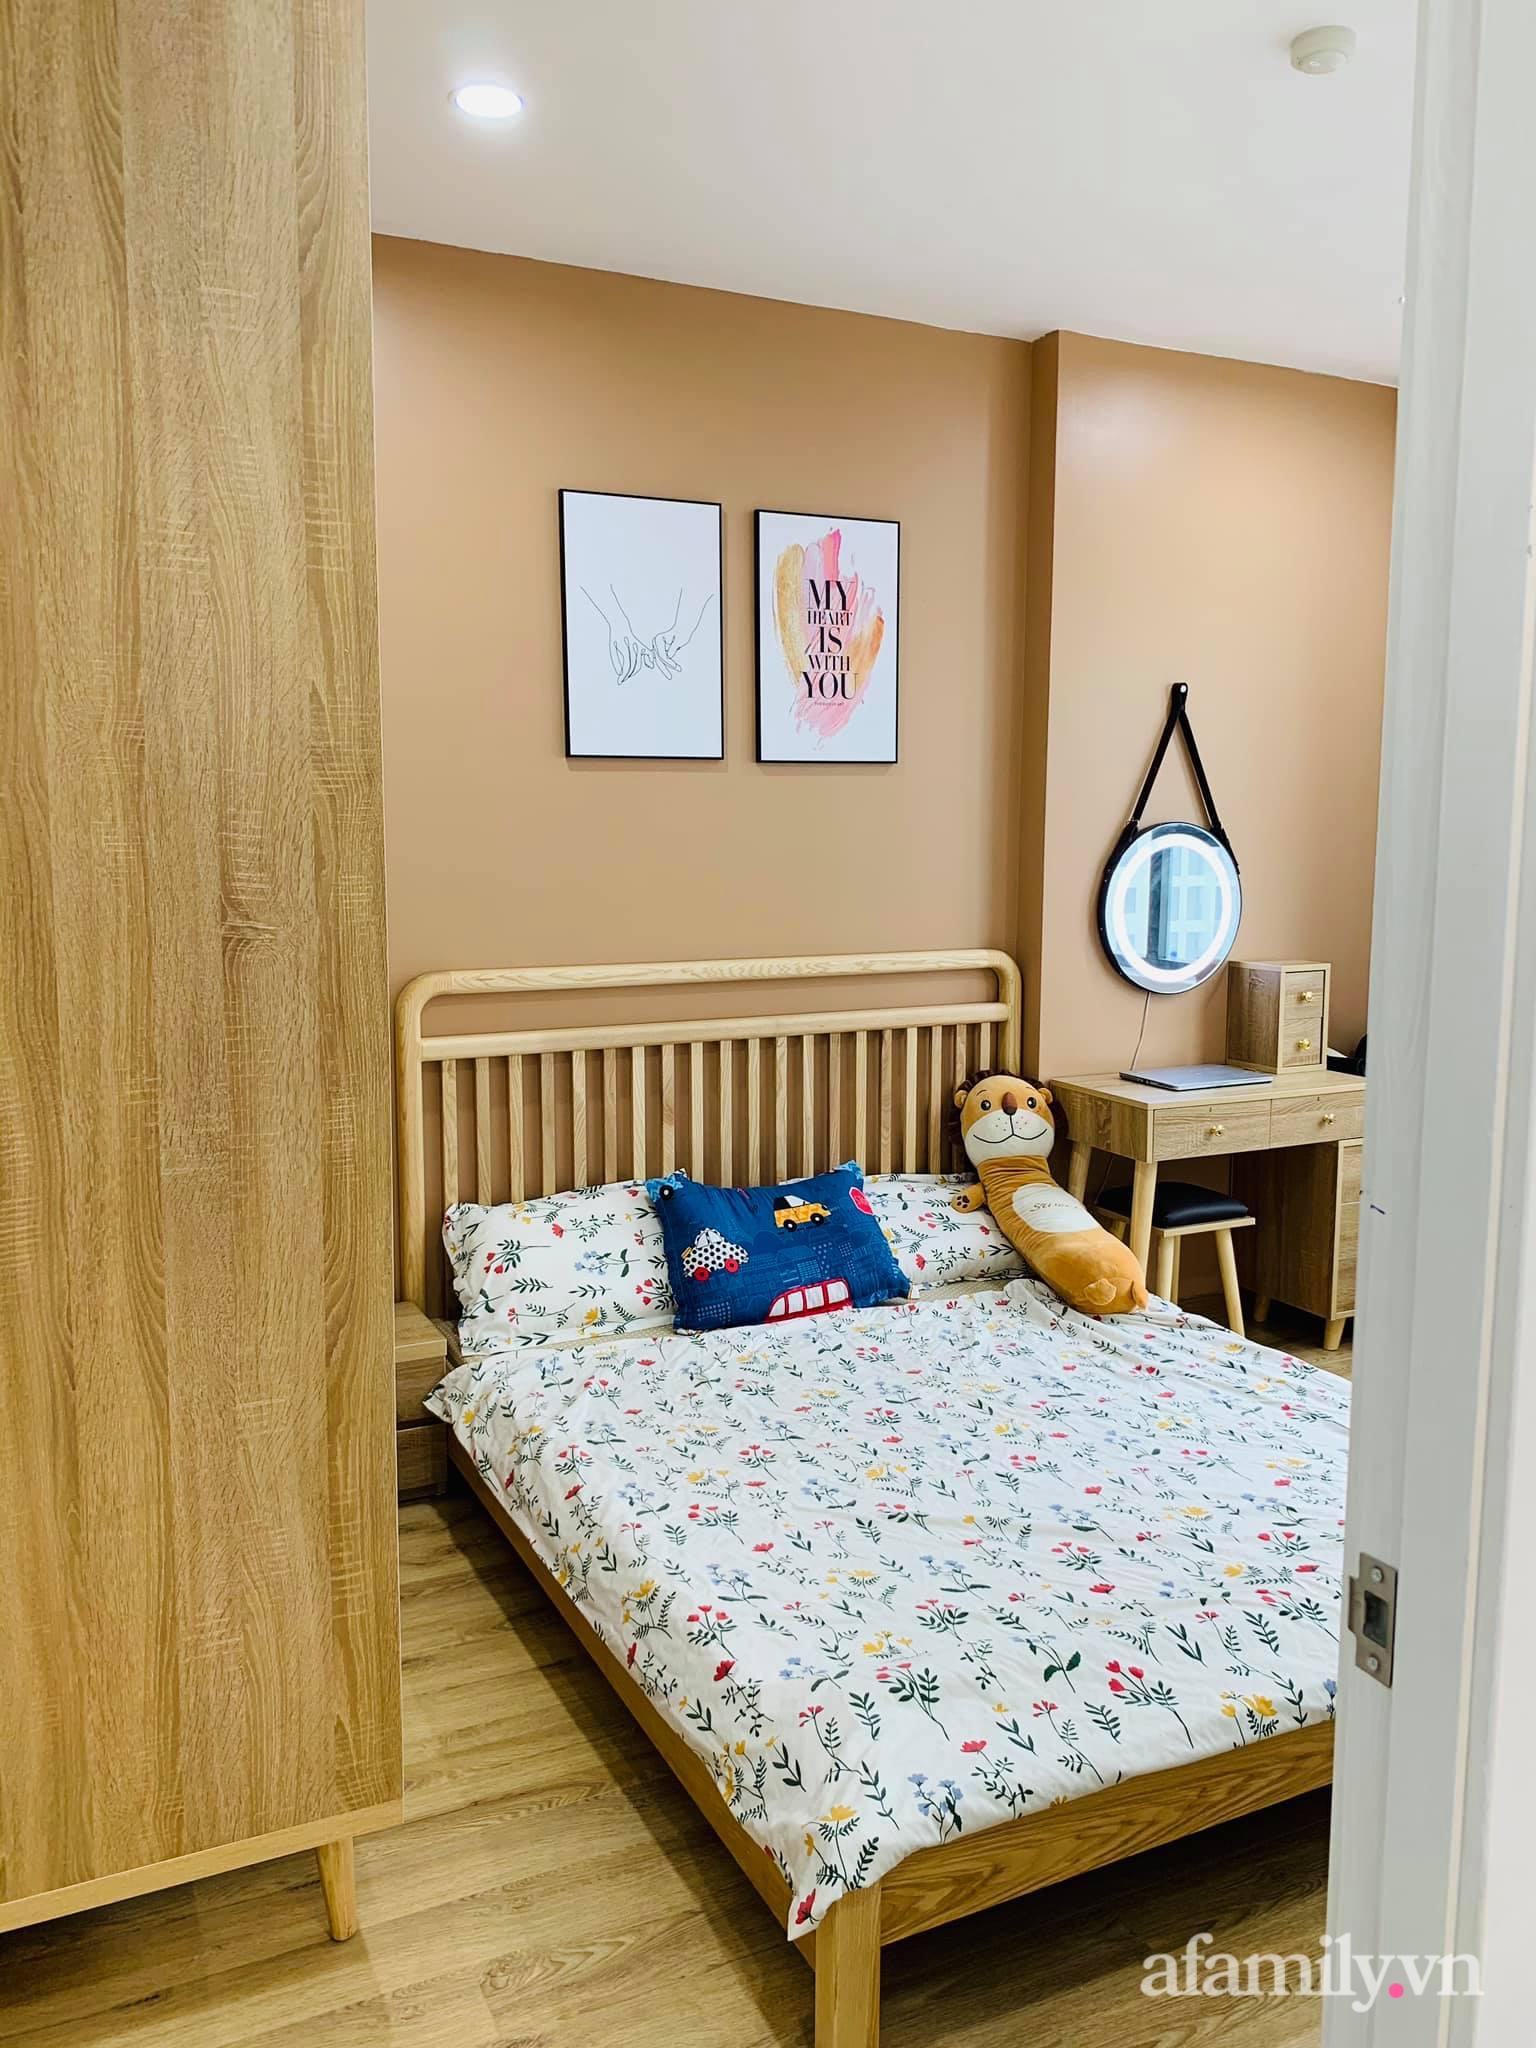 Nhà ở xã hội 69m² siêu ấm áp và tiện ích có chi phí cải tạo 200 triệu đồng của cặp vợ chồng 9X ở Từ Liêm, Hà Nội - Ảnh 16.